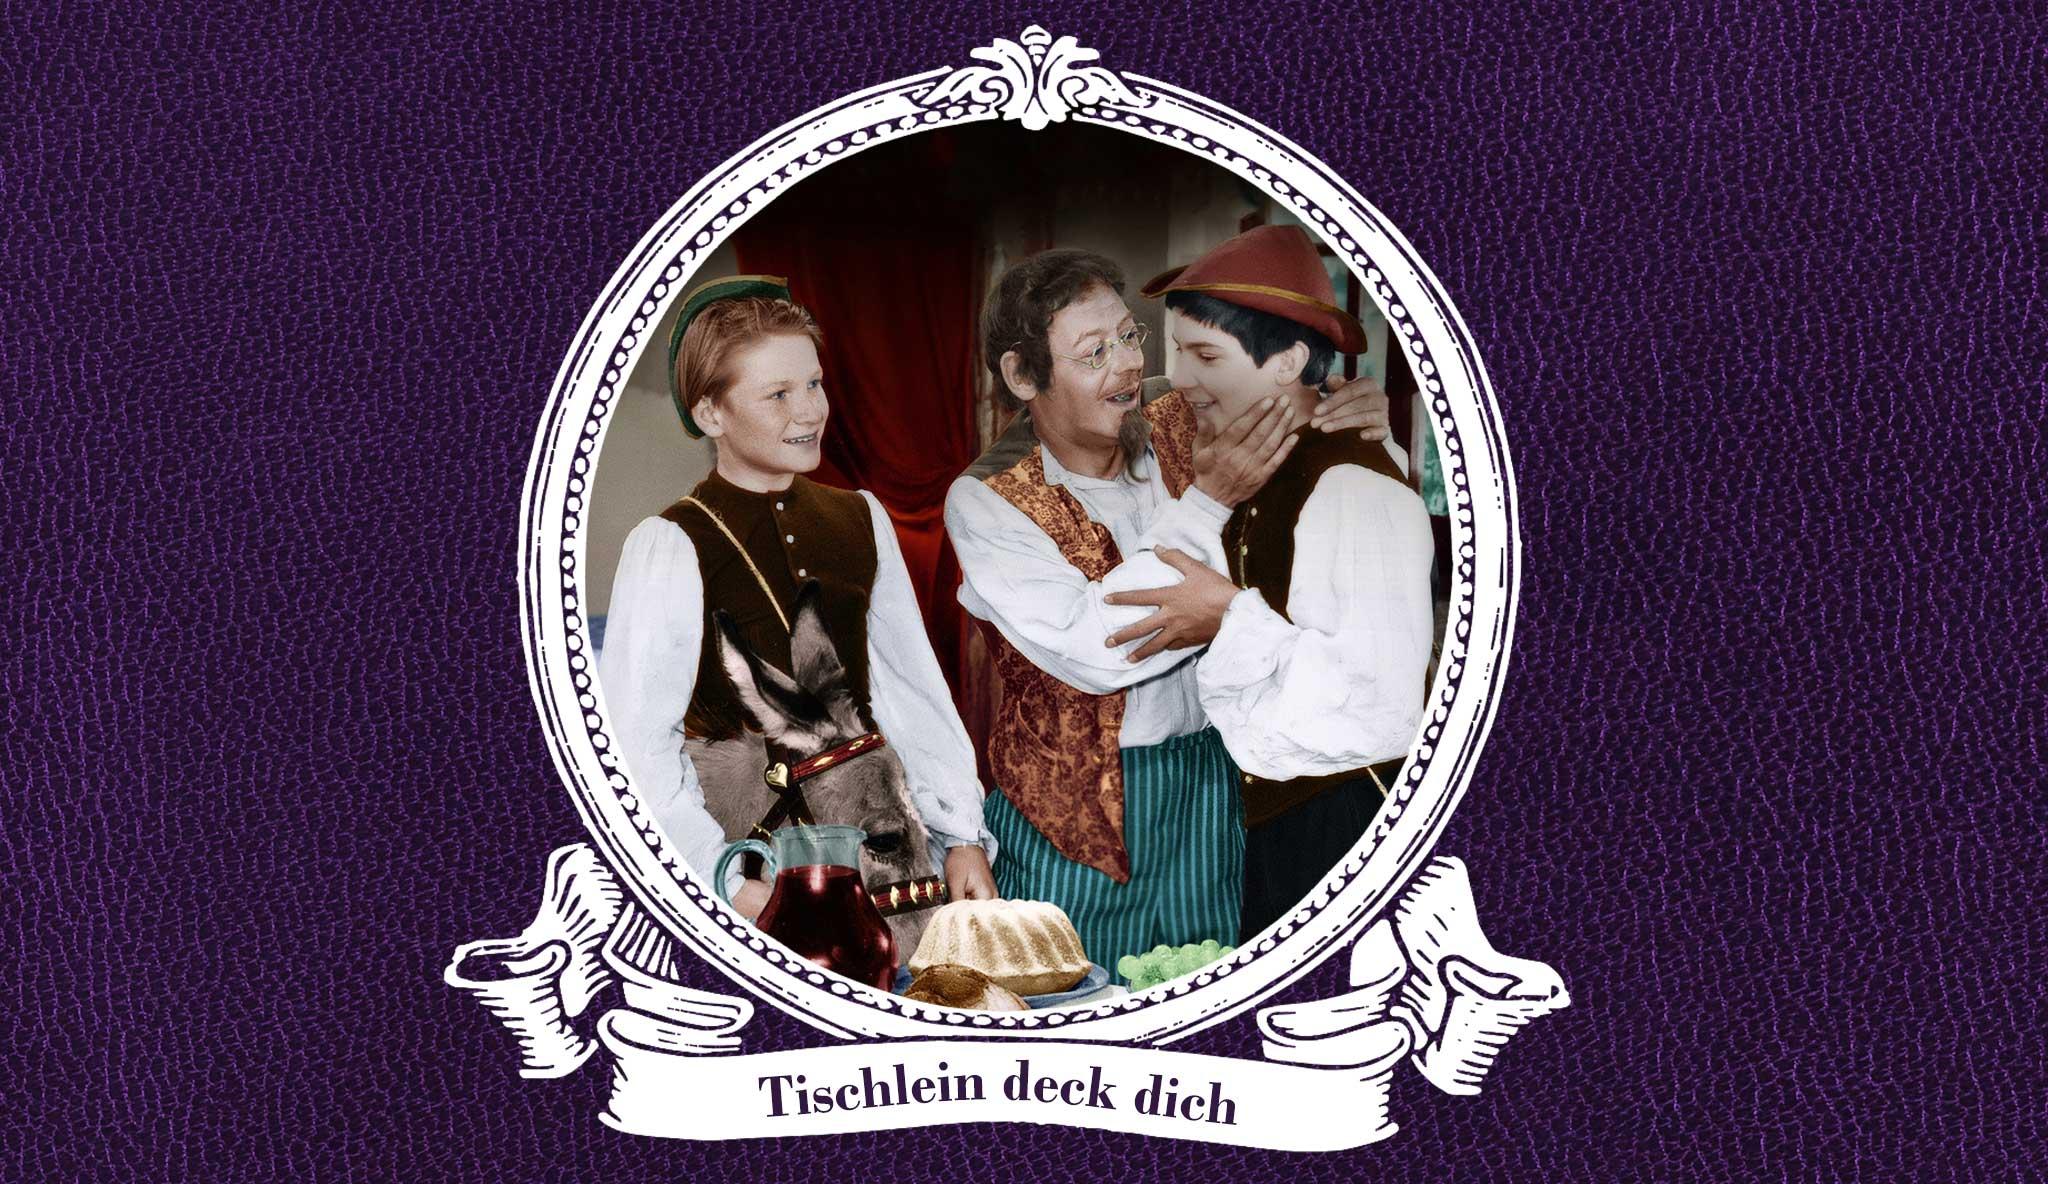 tischlein-deck-dich\header.jpg